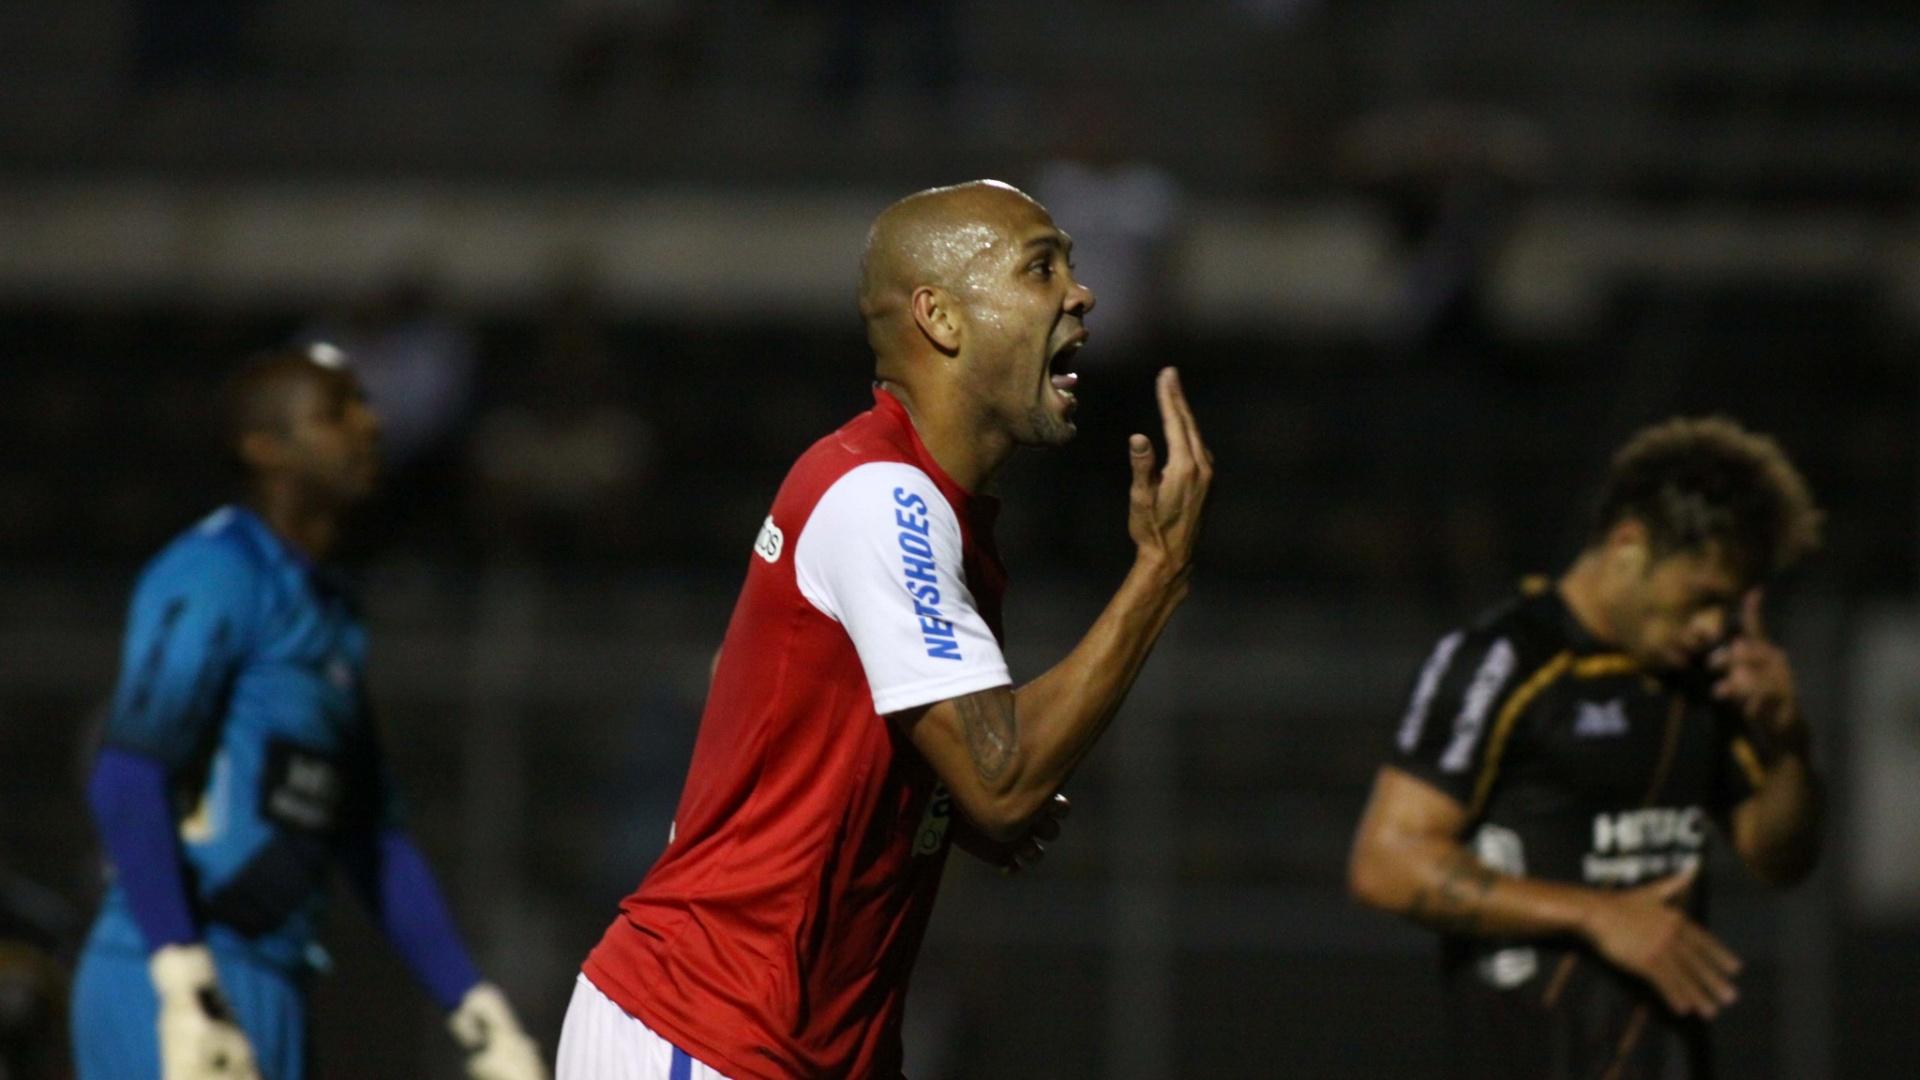 Souza comemora após marcar um dos gols do Bahia na vitória sobre a Ponte Preta (16/08/2012)